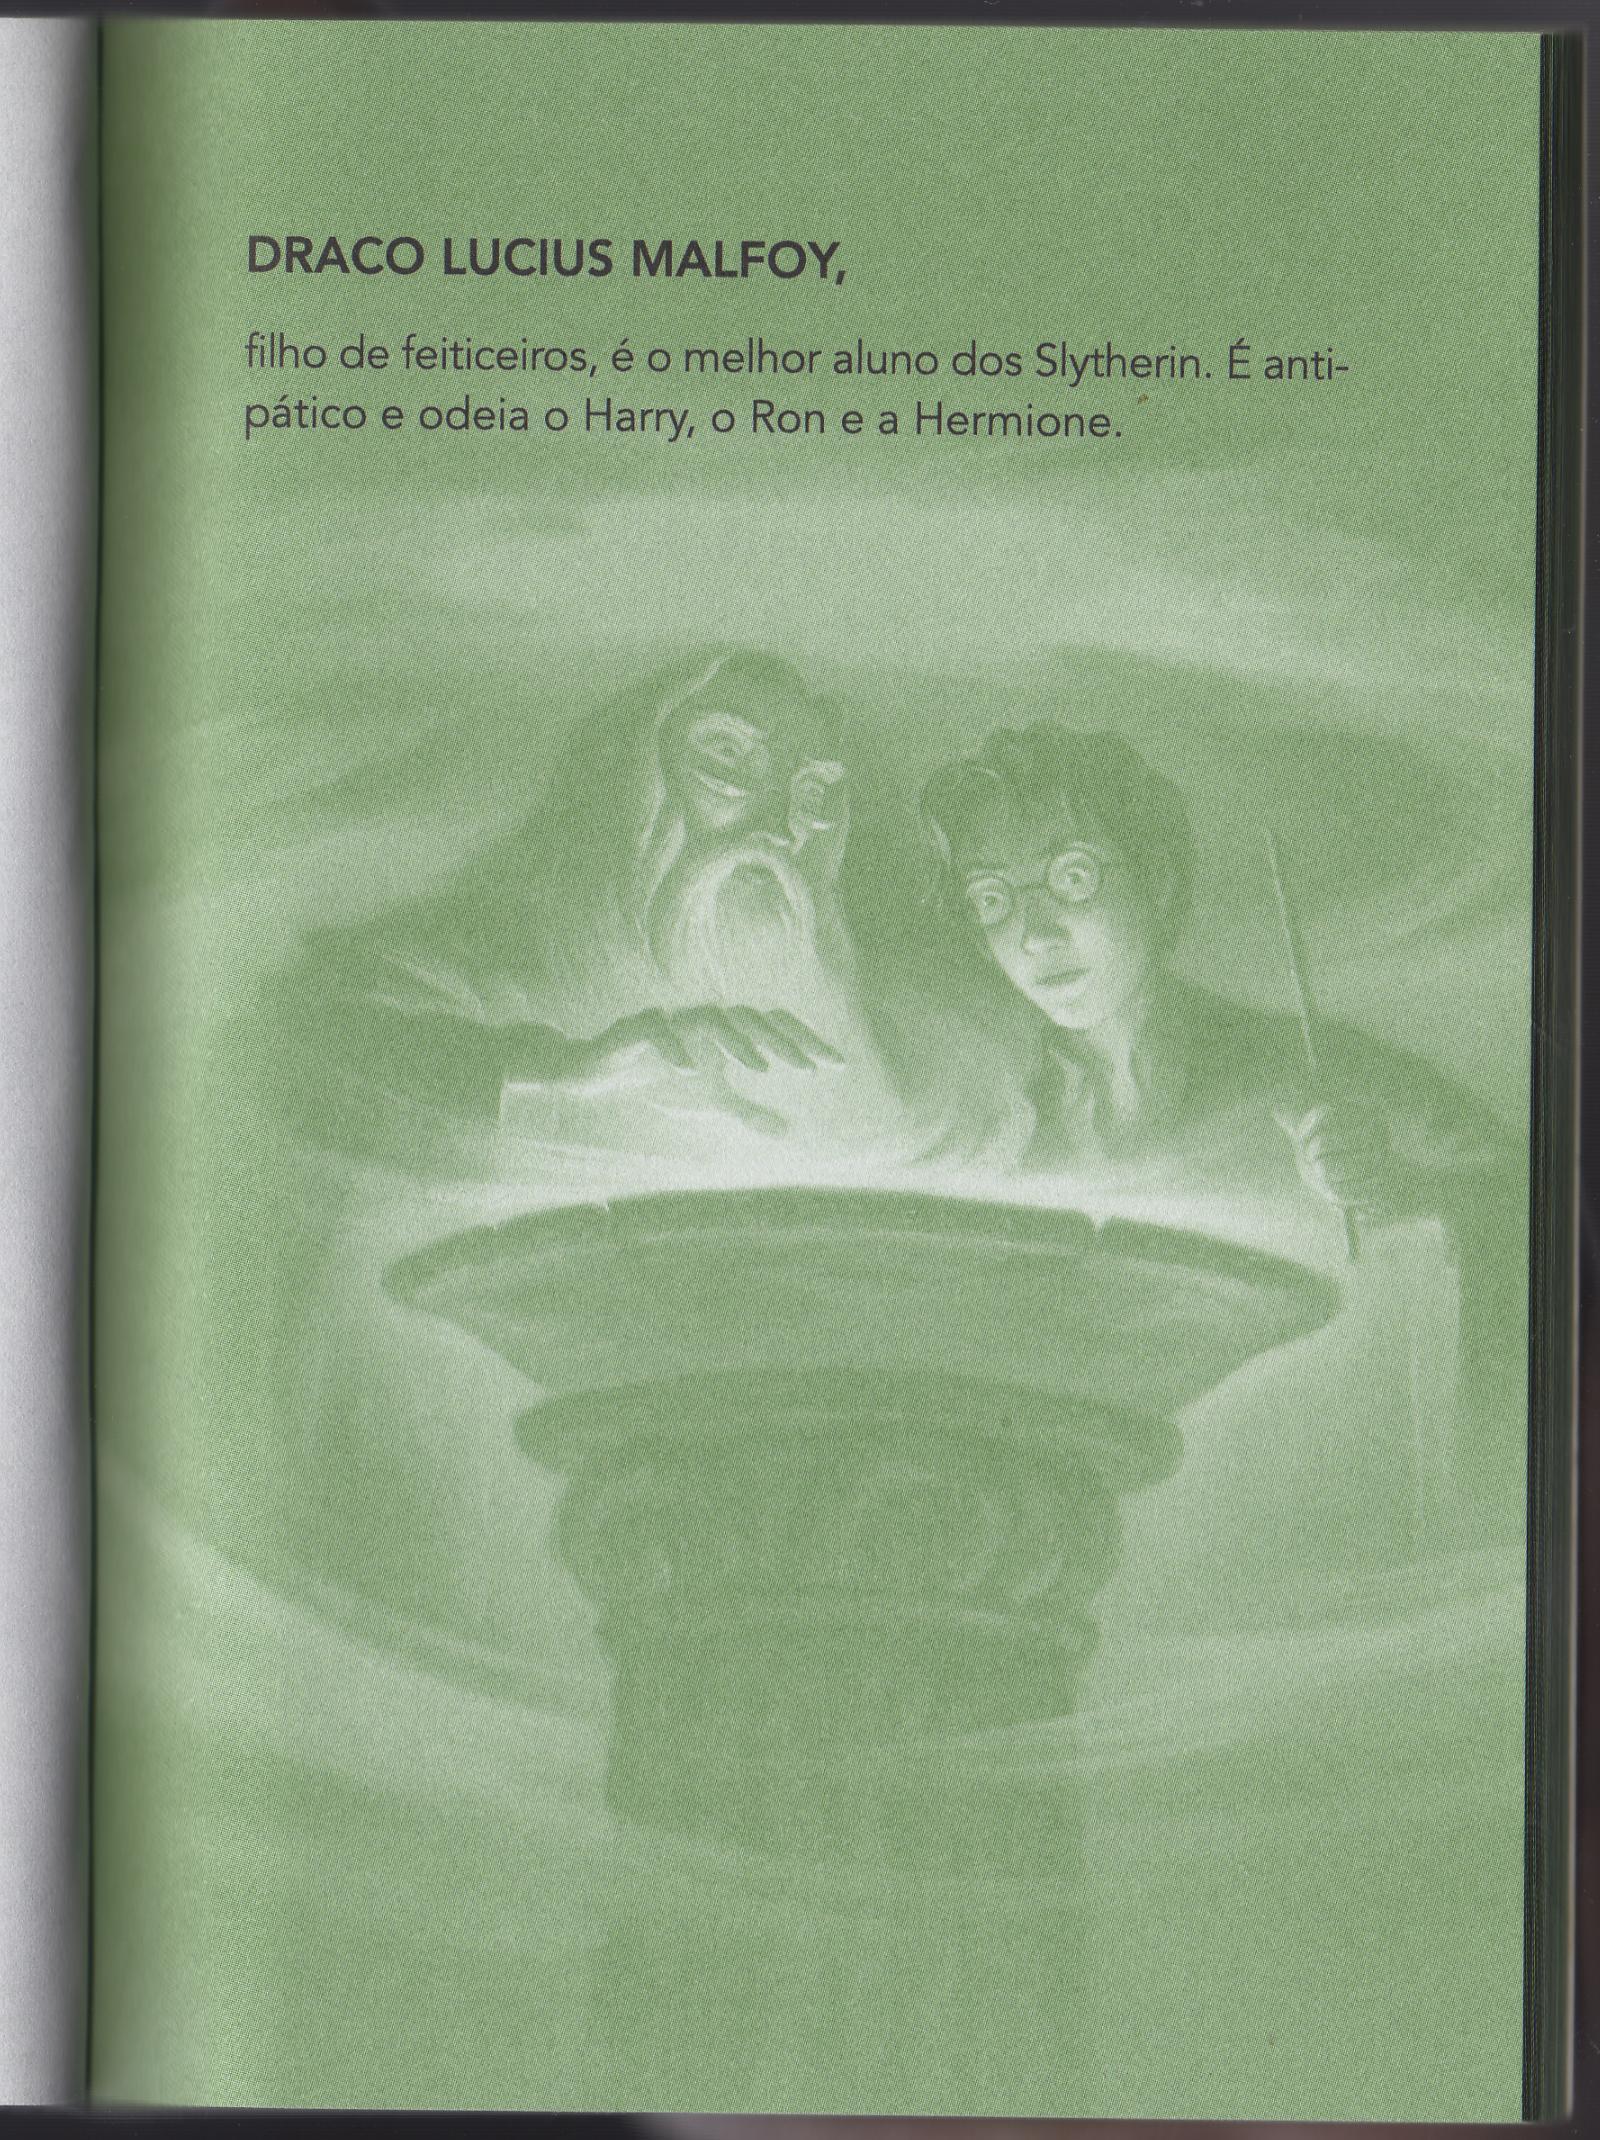 Talk:Draco Malfoy | Harry Potter Wiki | FANDOM powered by Wikia